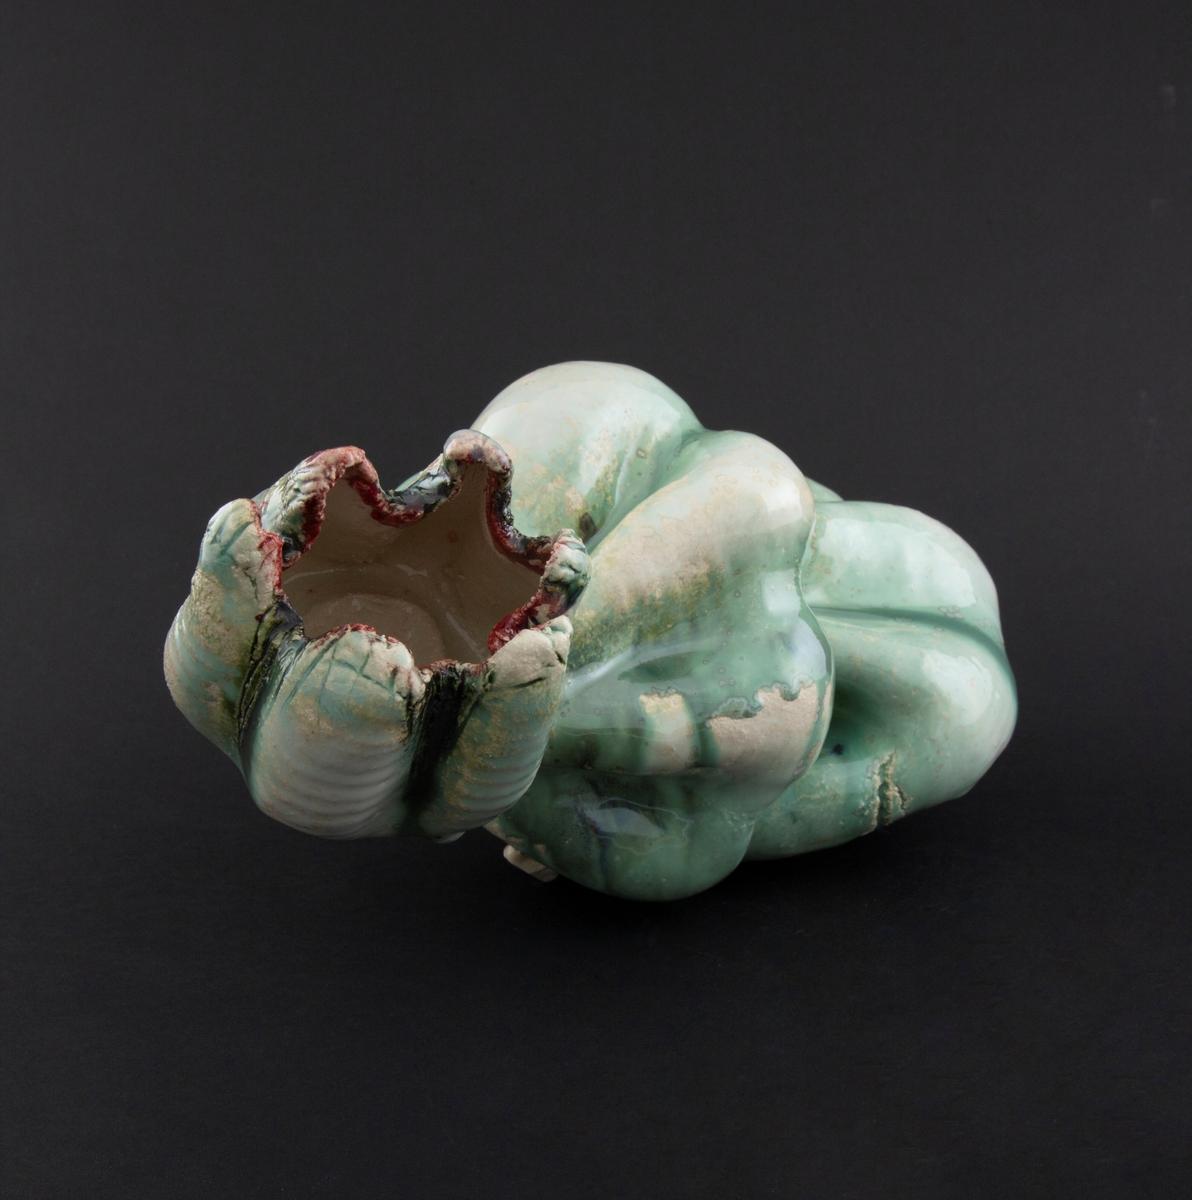 Håndmodellert skulptur i glasert steingods i nesten liggende positur. Den har en organisk og asymmetrisk kalebassform som ender i en tulipanform med halvåpne kronblader. Keramikkskulpturen inngår i en installasjon bestående av 26 deler i ulike størrelser og med individuell utforming. De asymmetriske variasjonene gir et inntrykk av bevegelse, og den lett sykelige fargepaletten gir et uhyggelig og grotesk preg. Samtlige deler minner om kjøttetende planter.